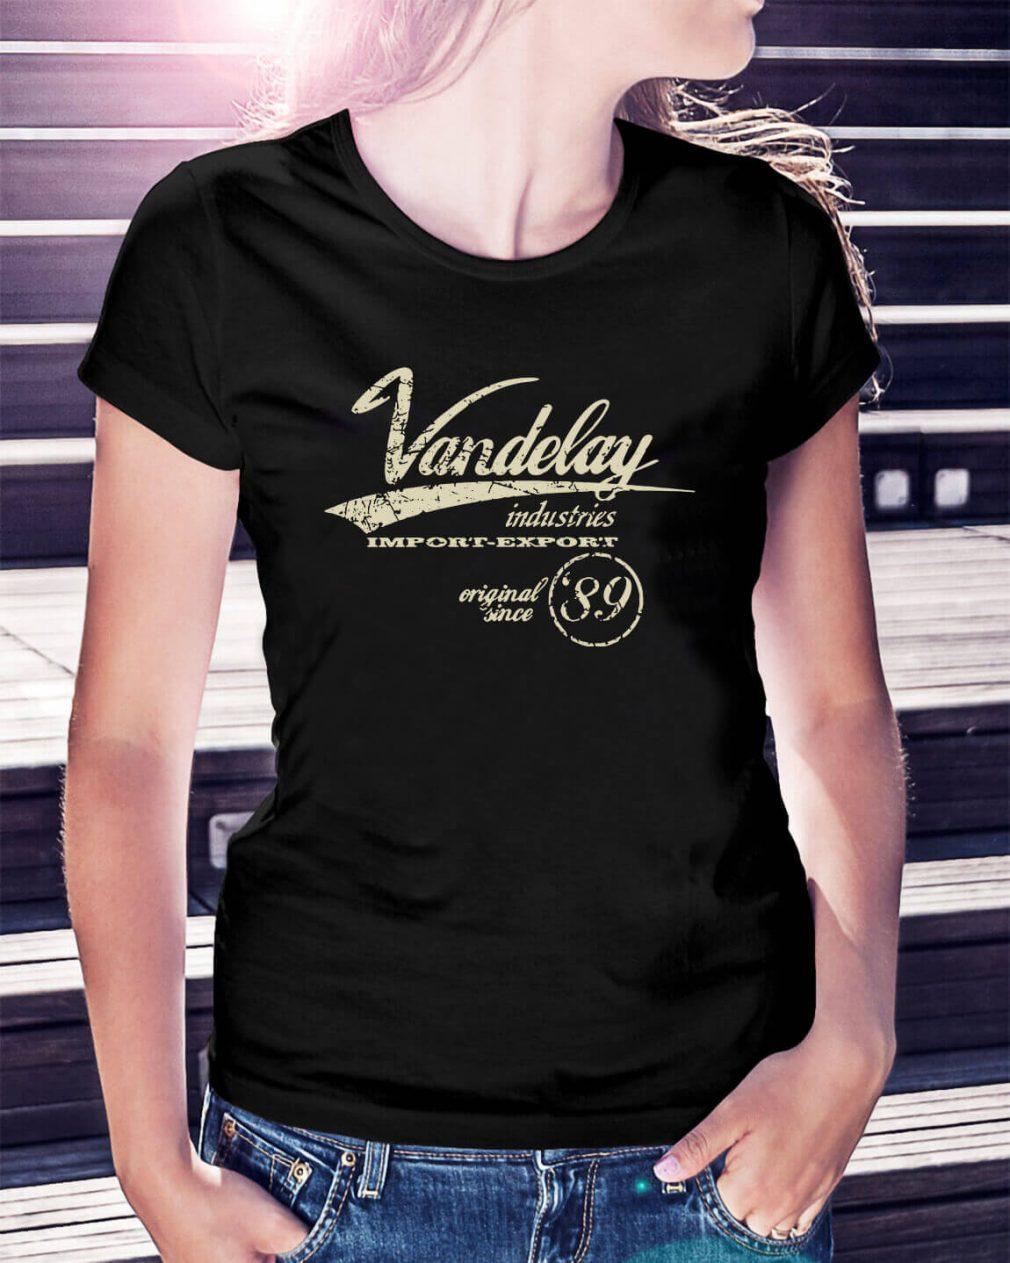 Vandelay industries importer exporter original since Ladies Tee